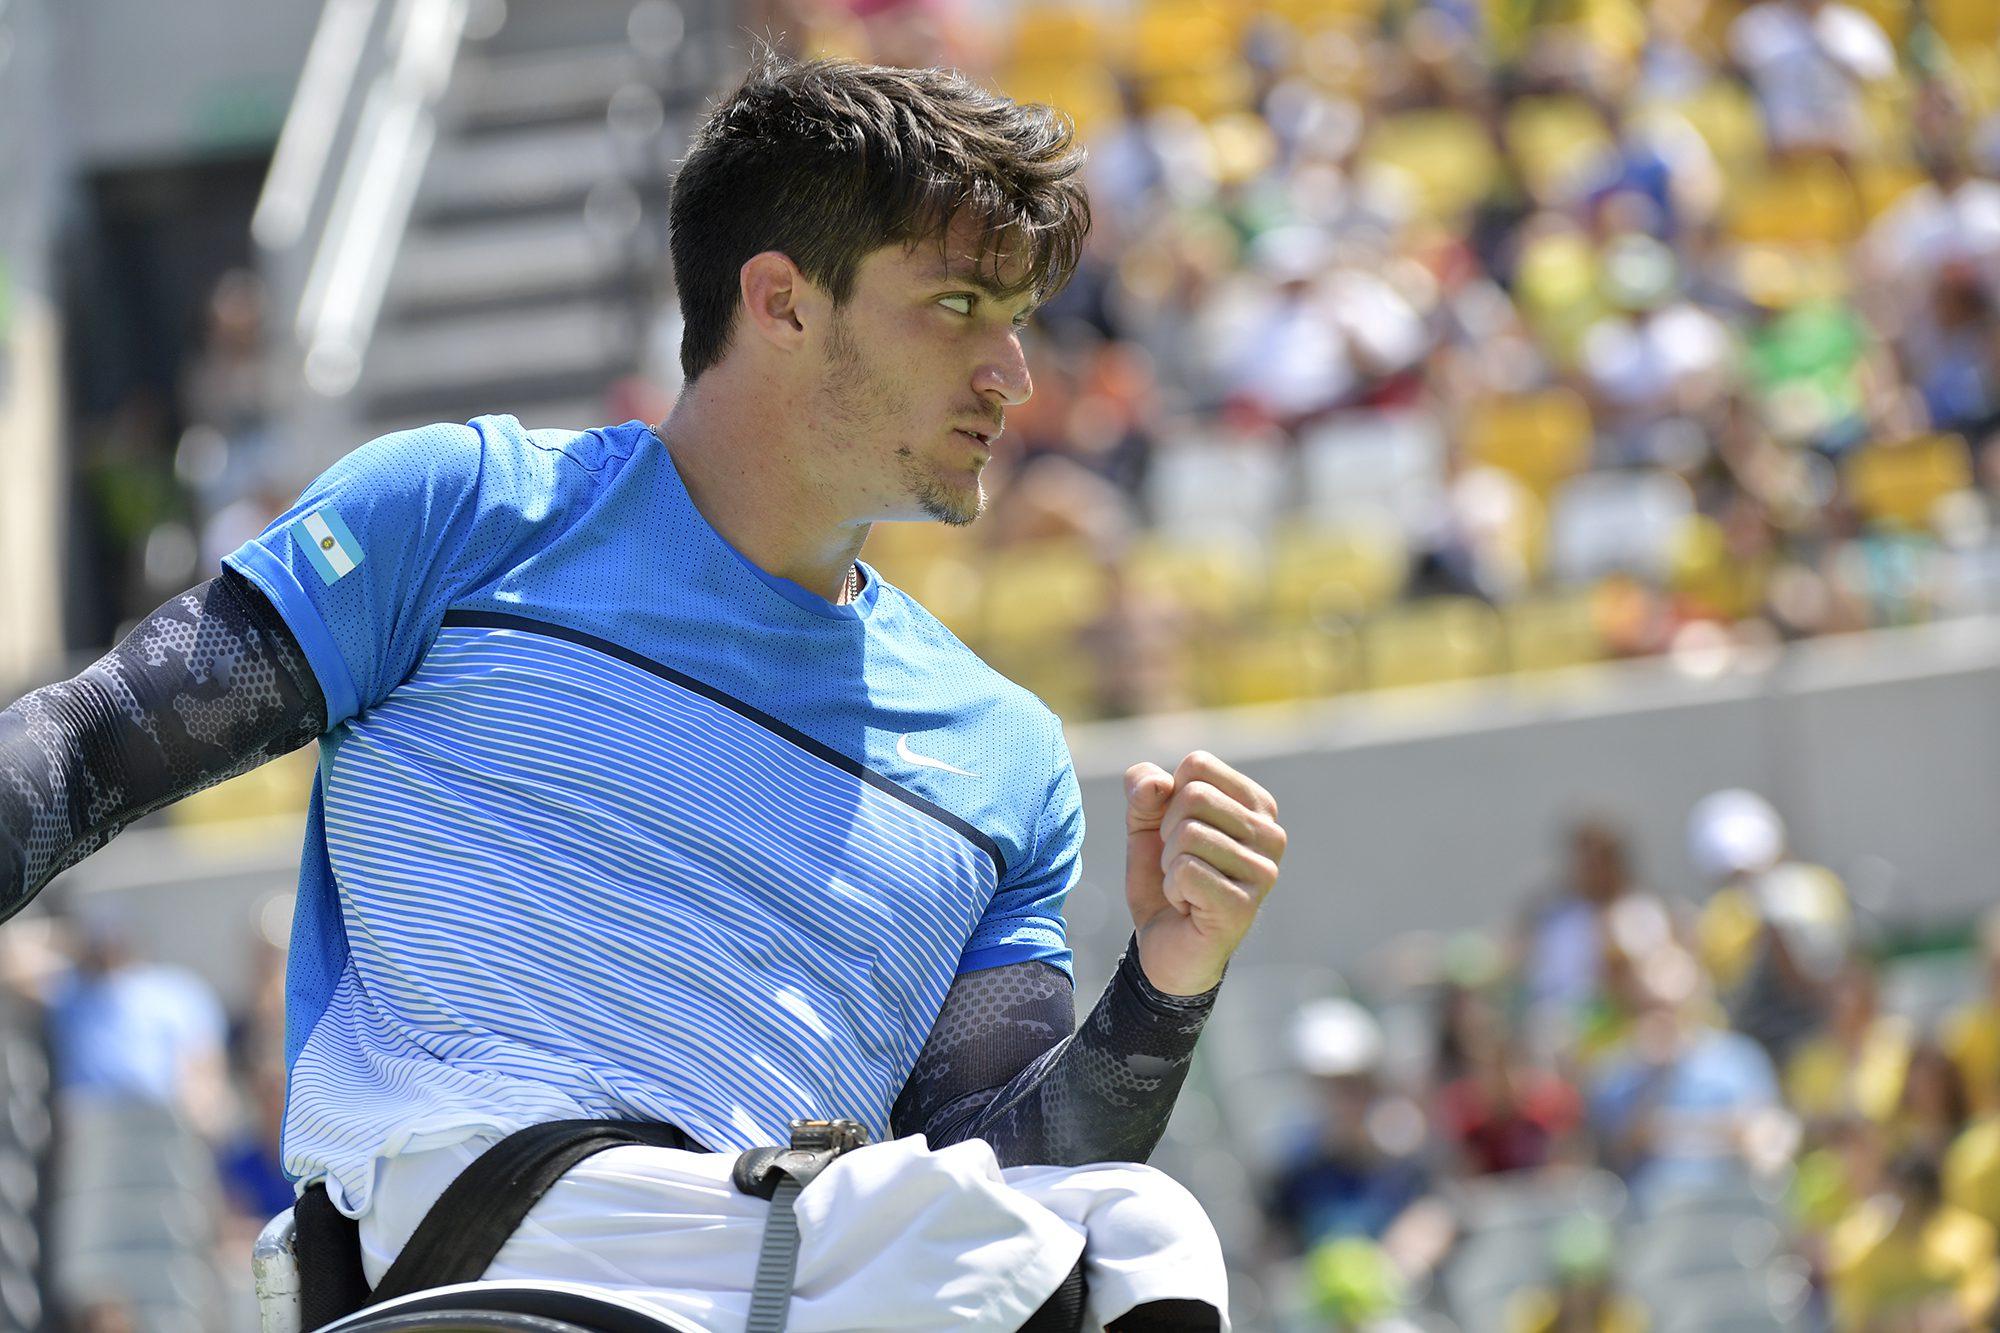 Tenis adaptado: Gustavo Fernández se prueba en Bath antes del Master